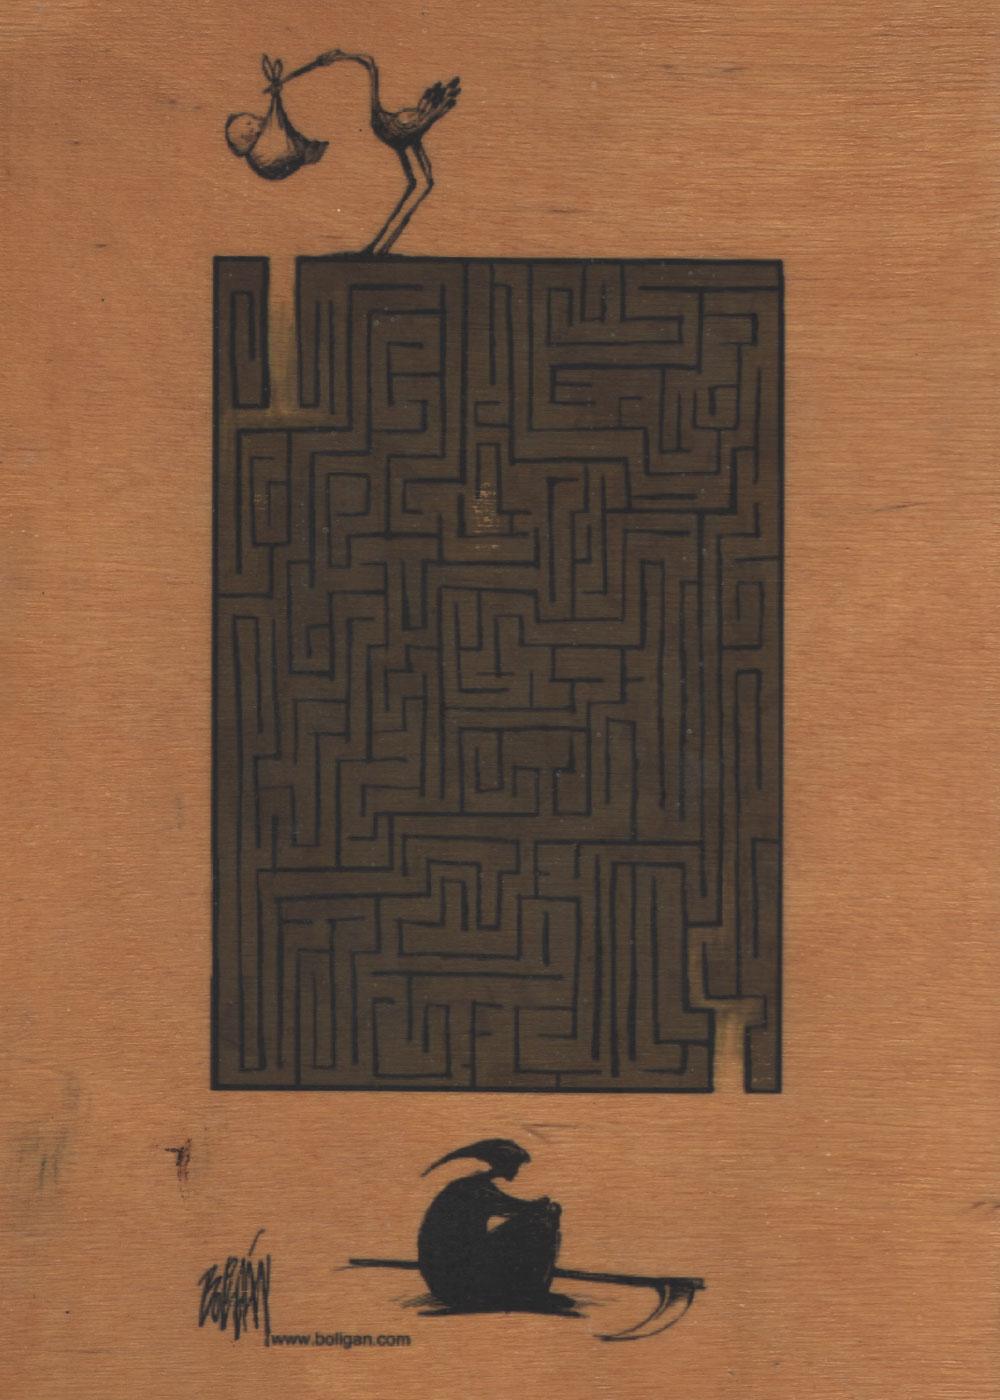 Lebenslabyrinth